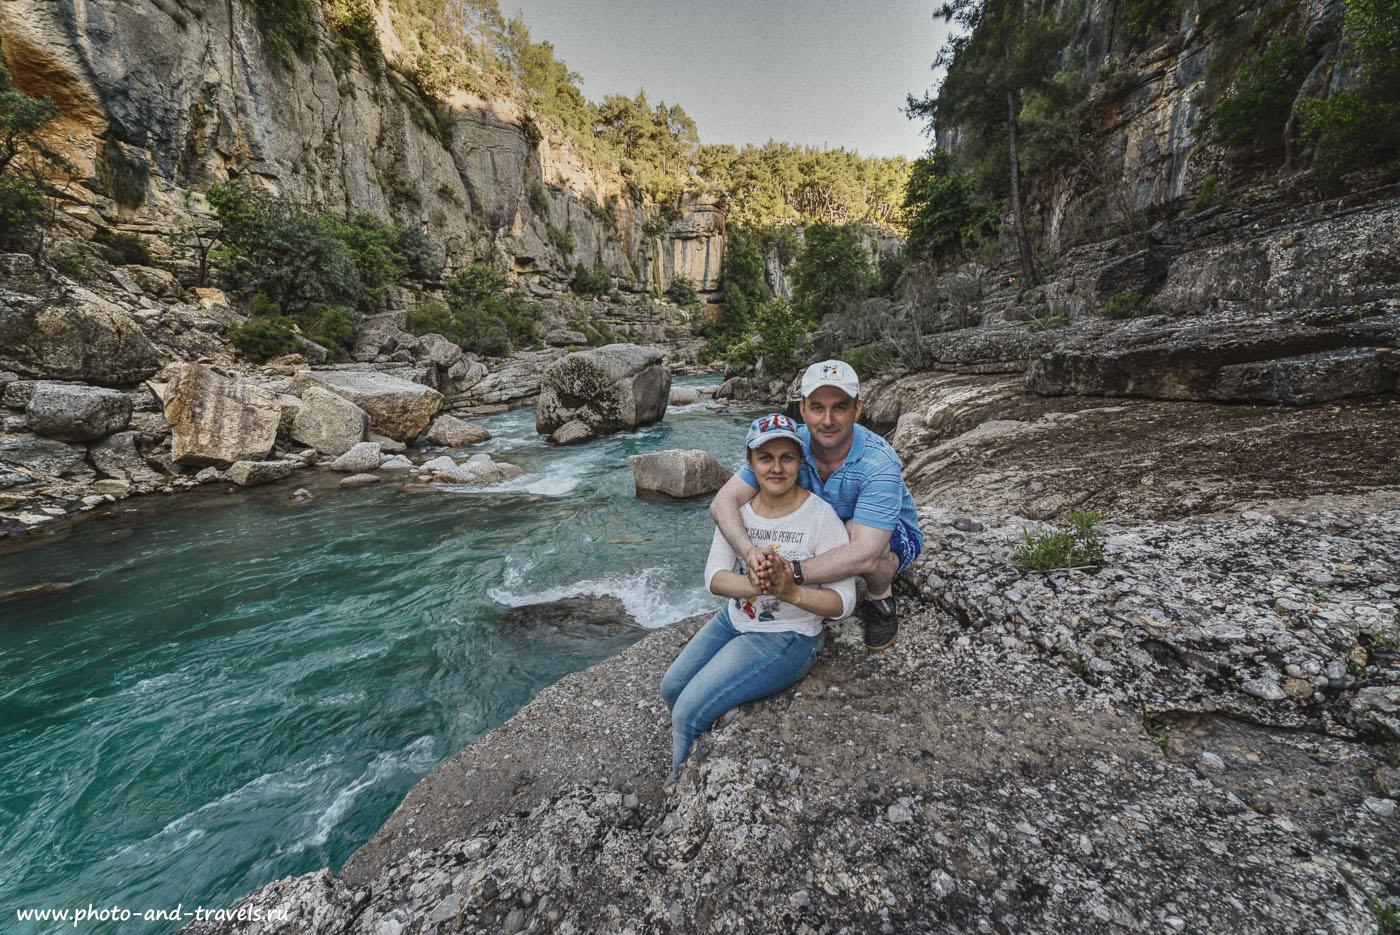 Фото 11. Фотосессия на реке Кёпрючай в каньоне Кёпрюлю в Турции. Отзывы туристов из России об отдыхе в Анталии. На какие экскурсии можно съездить.